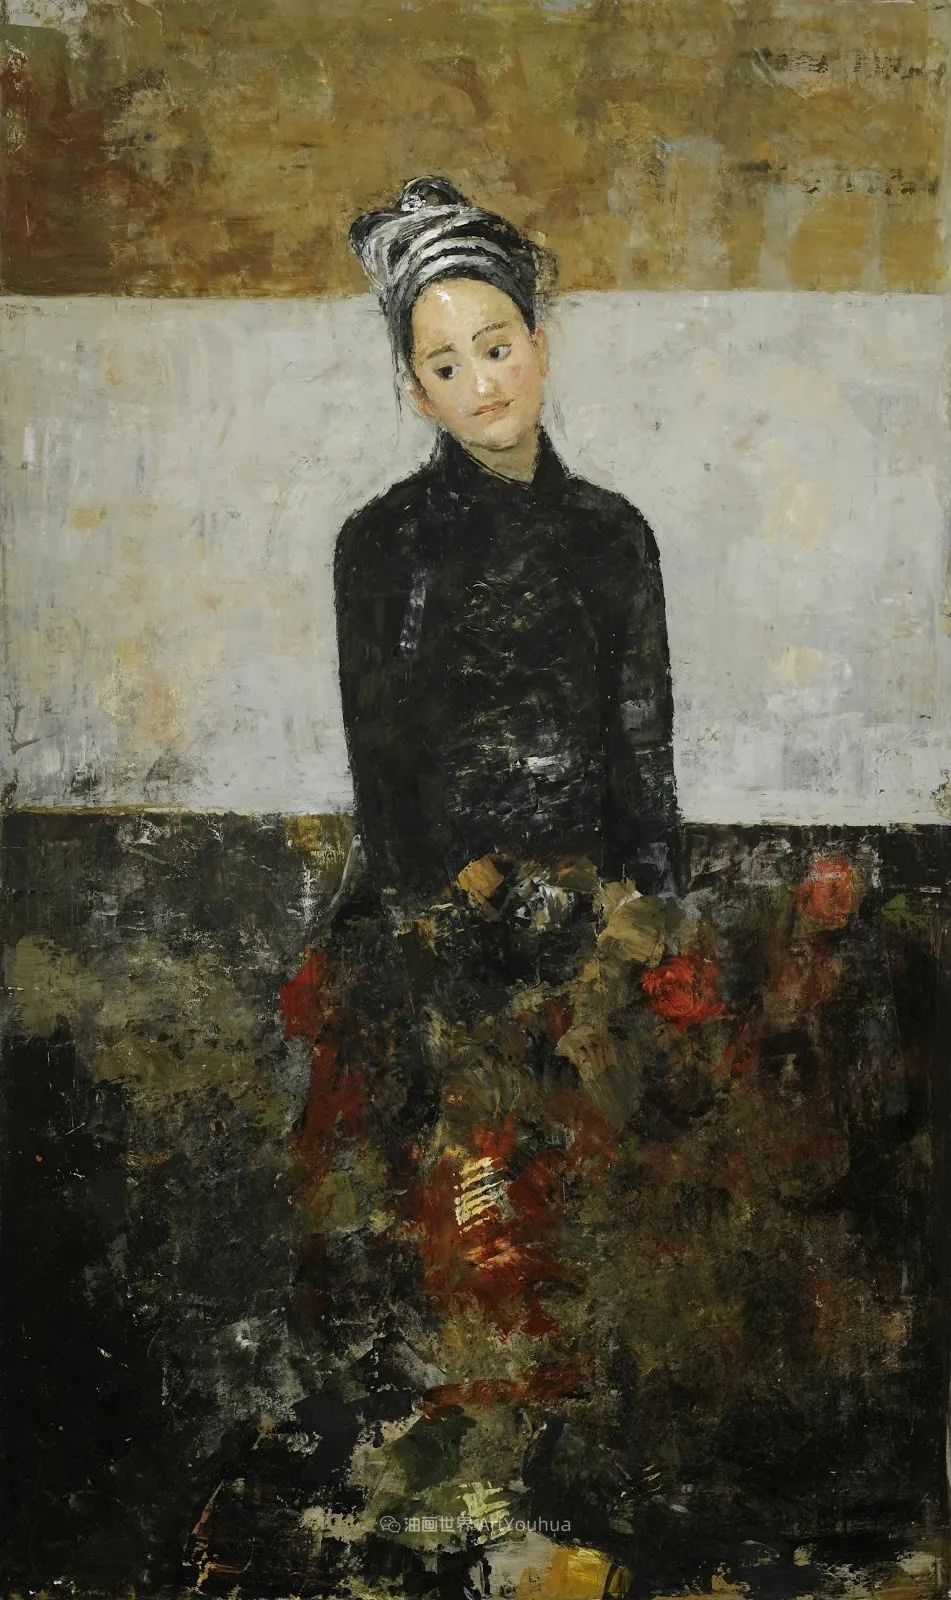 马耳他女画家 Goxwa Borg 戈克斯瓦·博格作品欣赏: 古典又现代!插图89